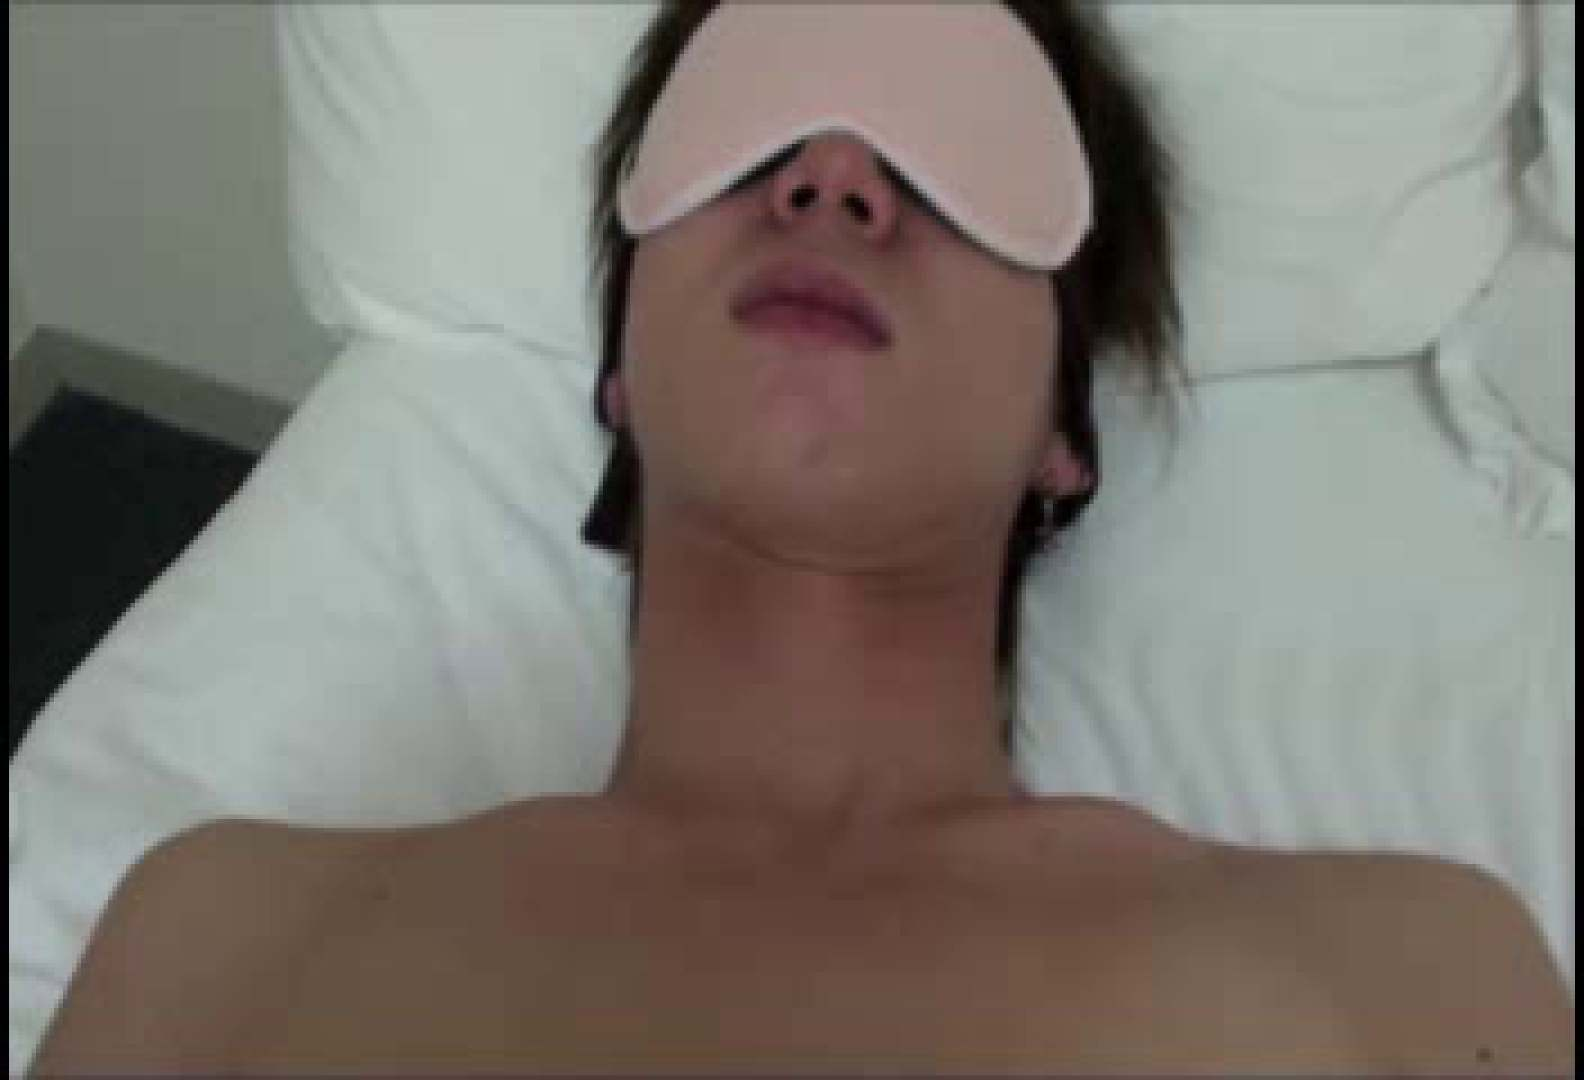 アイマスクでおもいっきり性感帯!!vol.05 ゲイのオナニー映像 | 手コキ  71枚 46